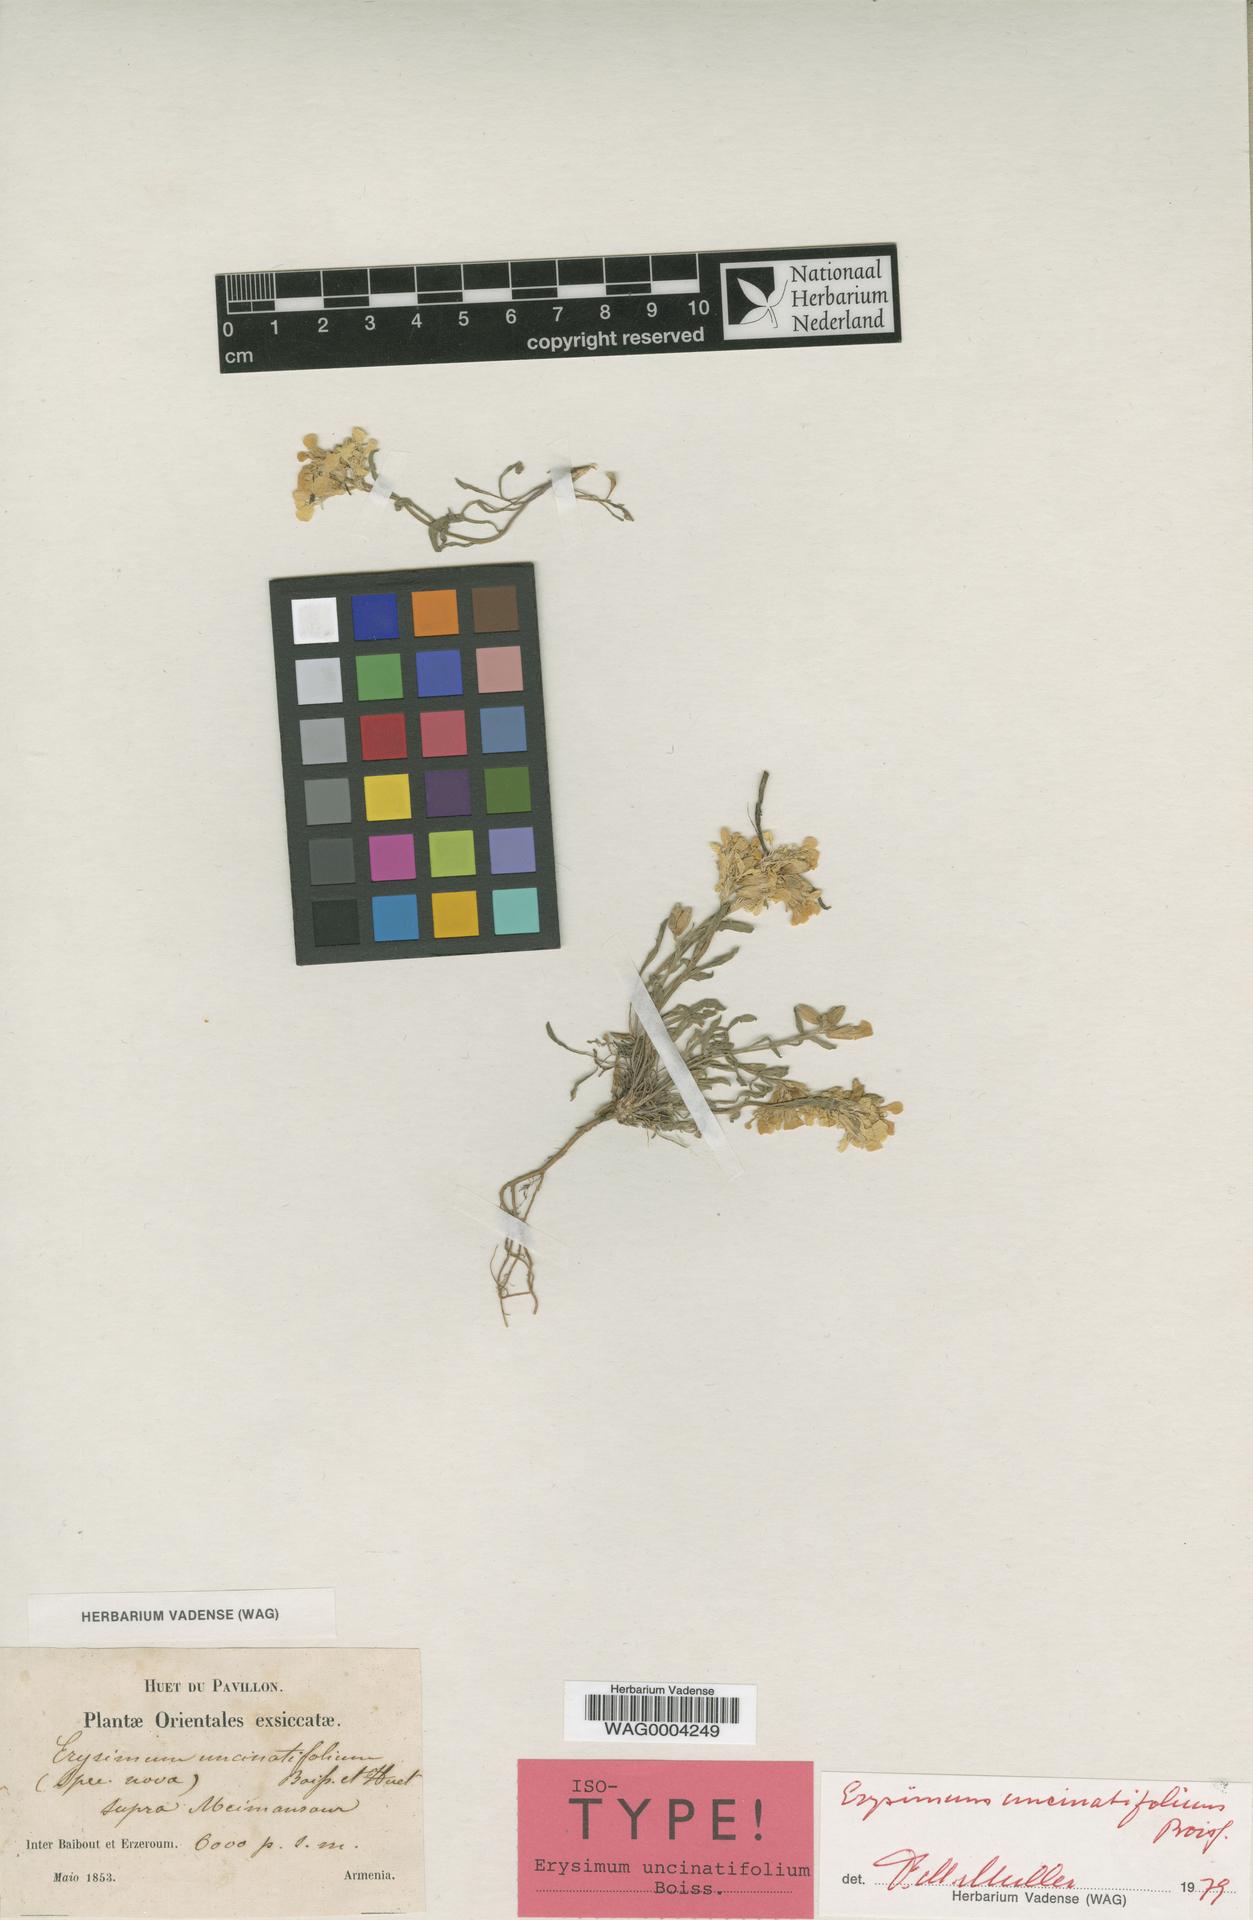 WAG.1752685 | Erysimum uncinatifolium Boiss.